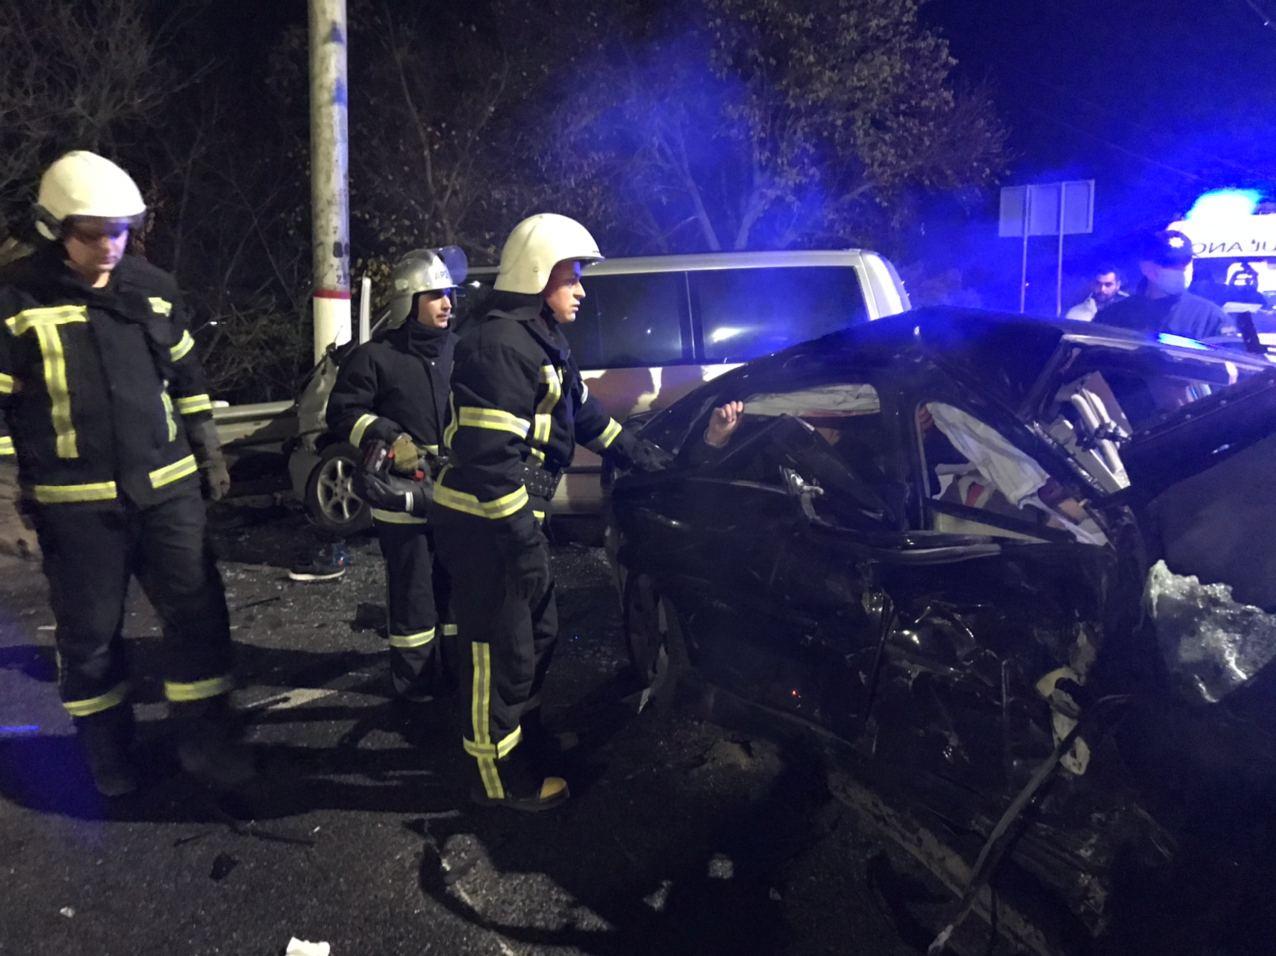 Без Купюр У Кропивницькому внаслідок ДТП загинула людина, 4 отримали травми За кермом  новини Кропивницький ДТП